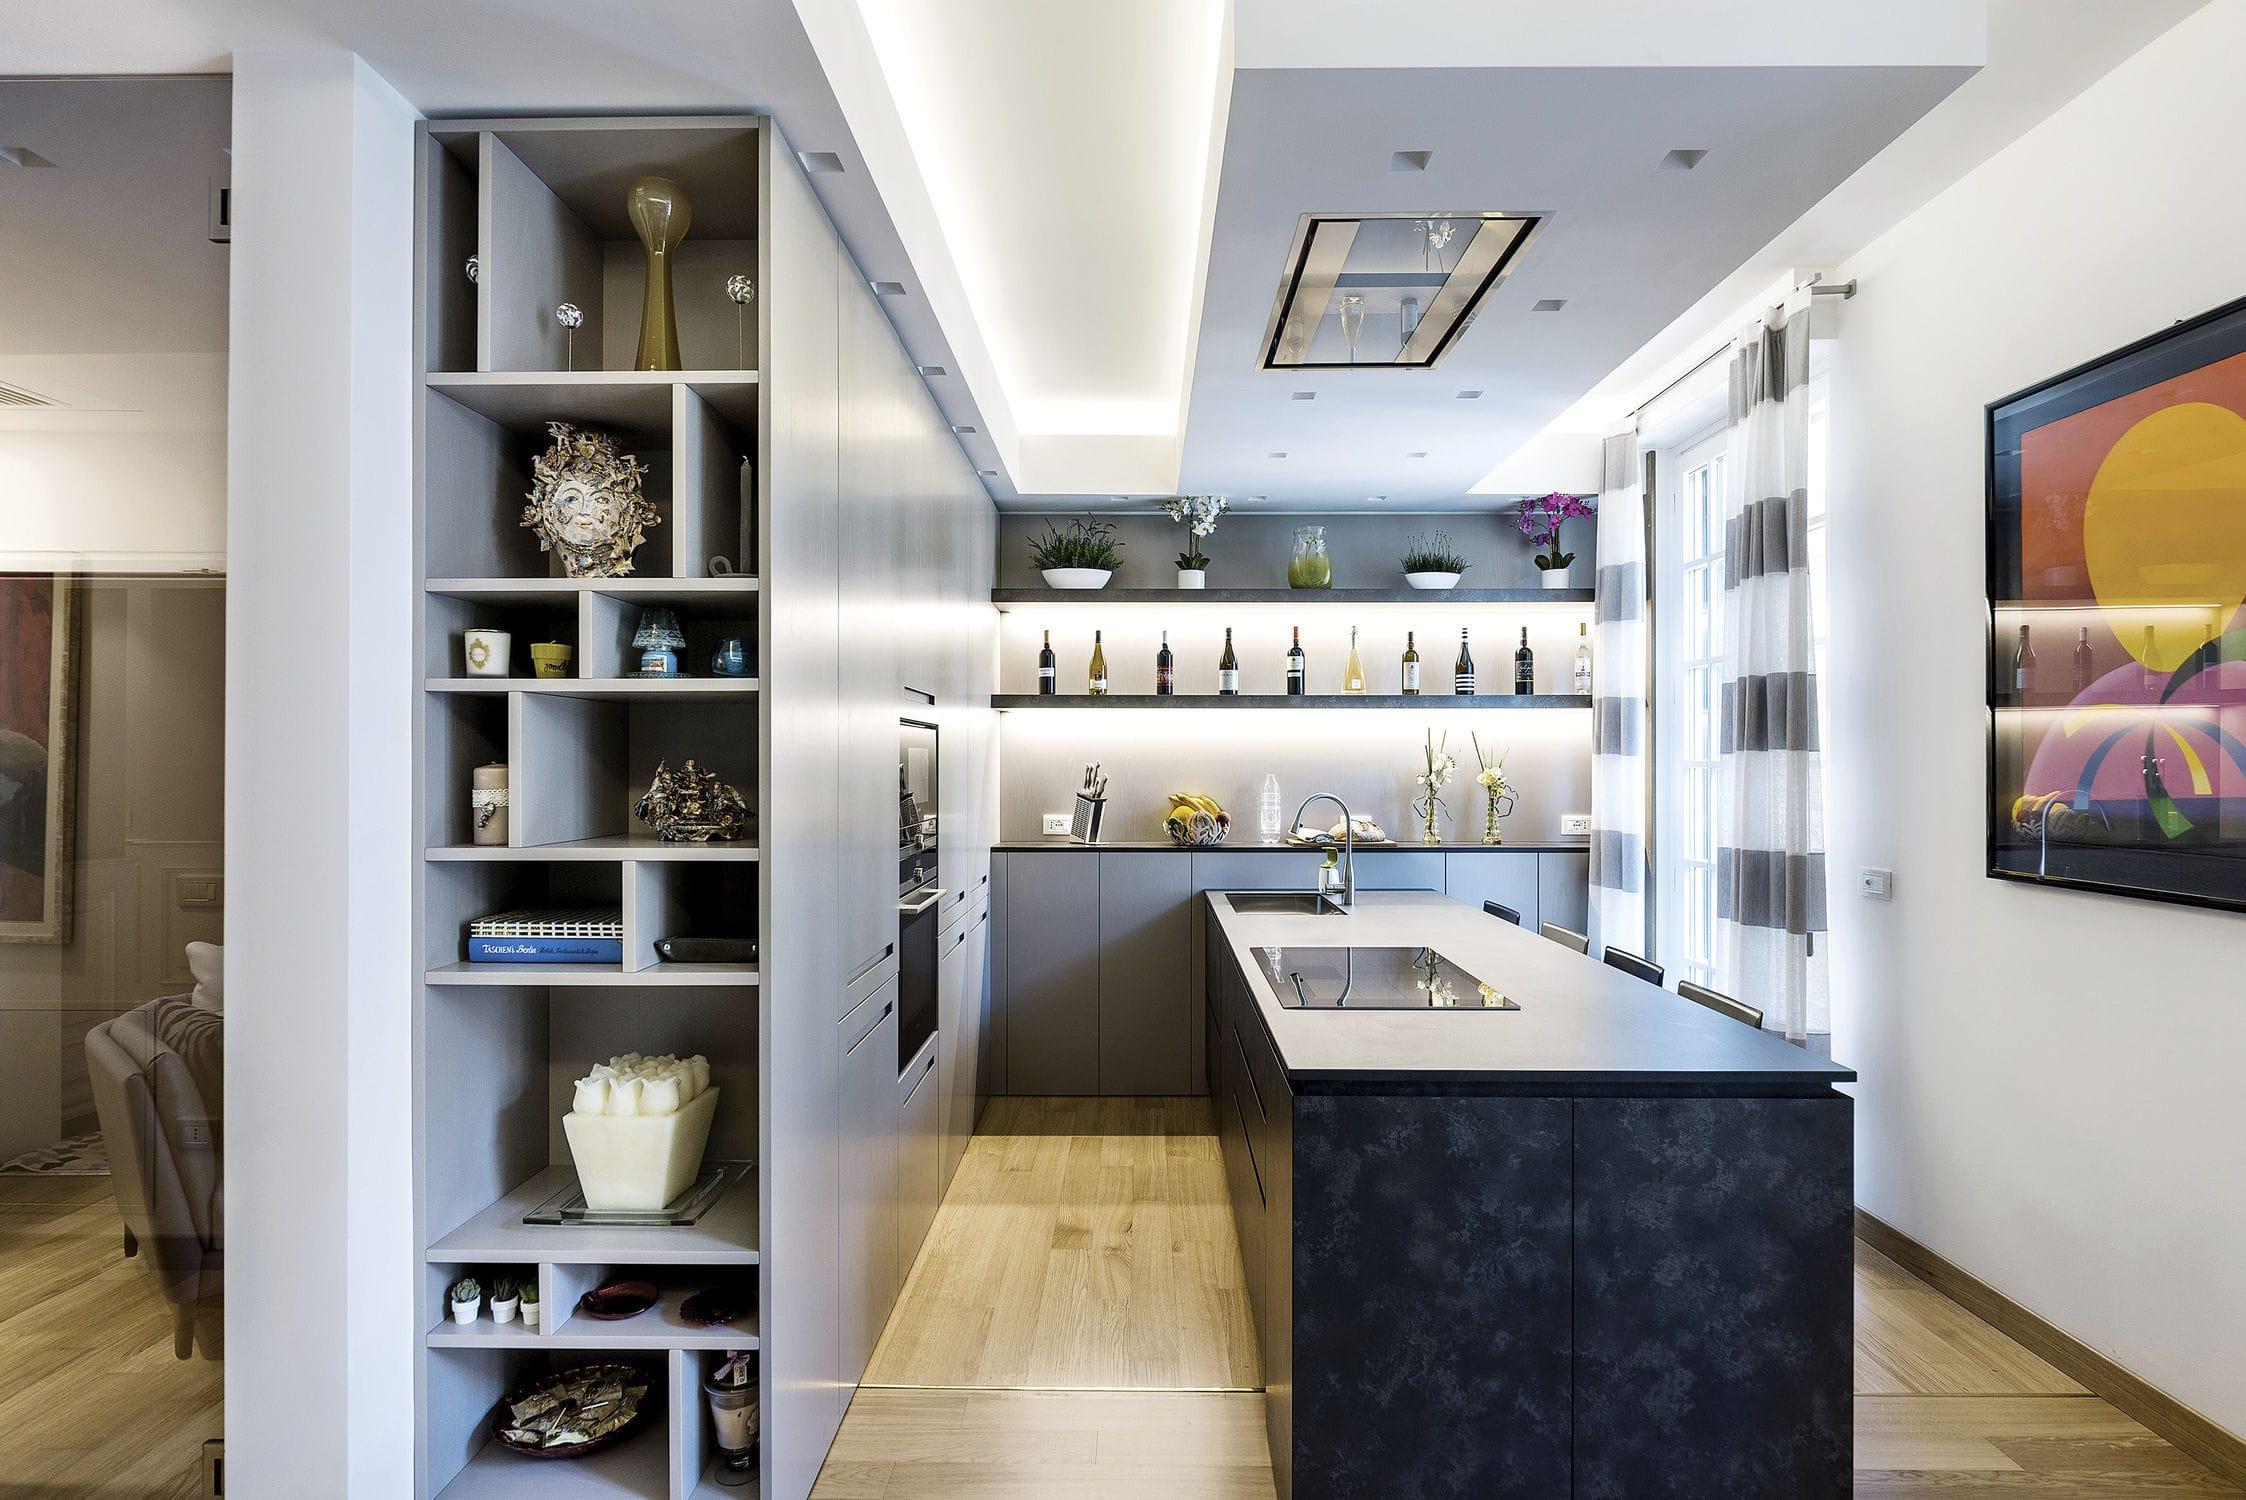 Cucina moderna / in laminato / senza maniglie - 20150301 – CUCINA ...